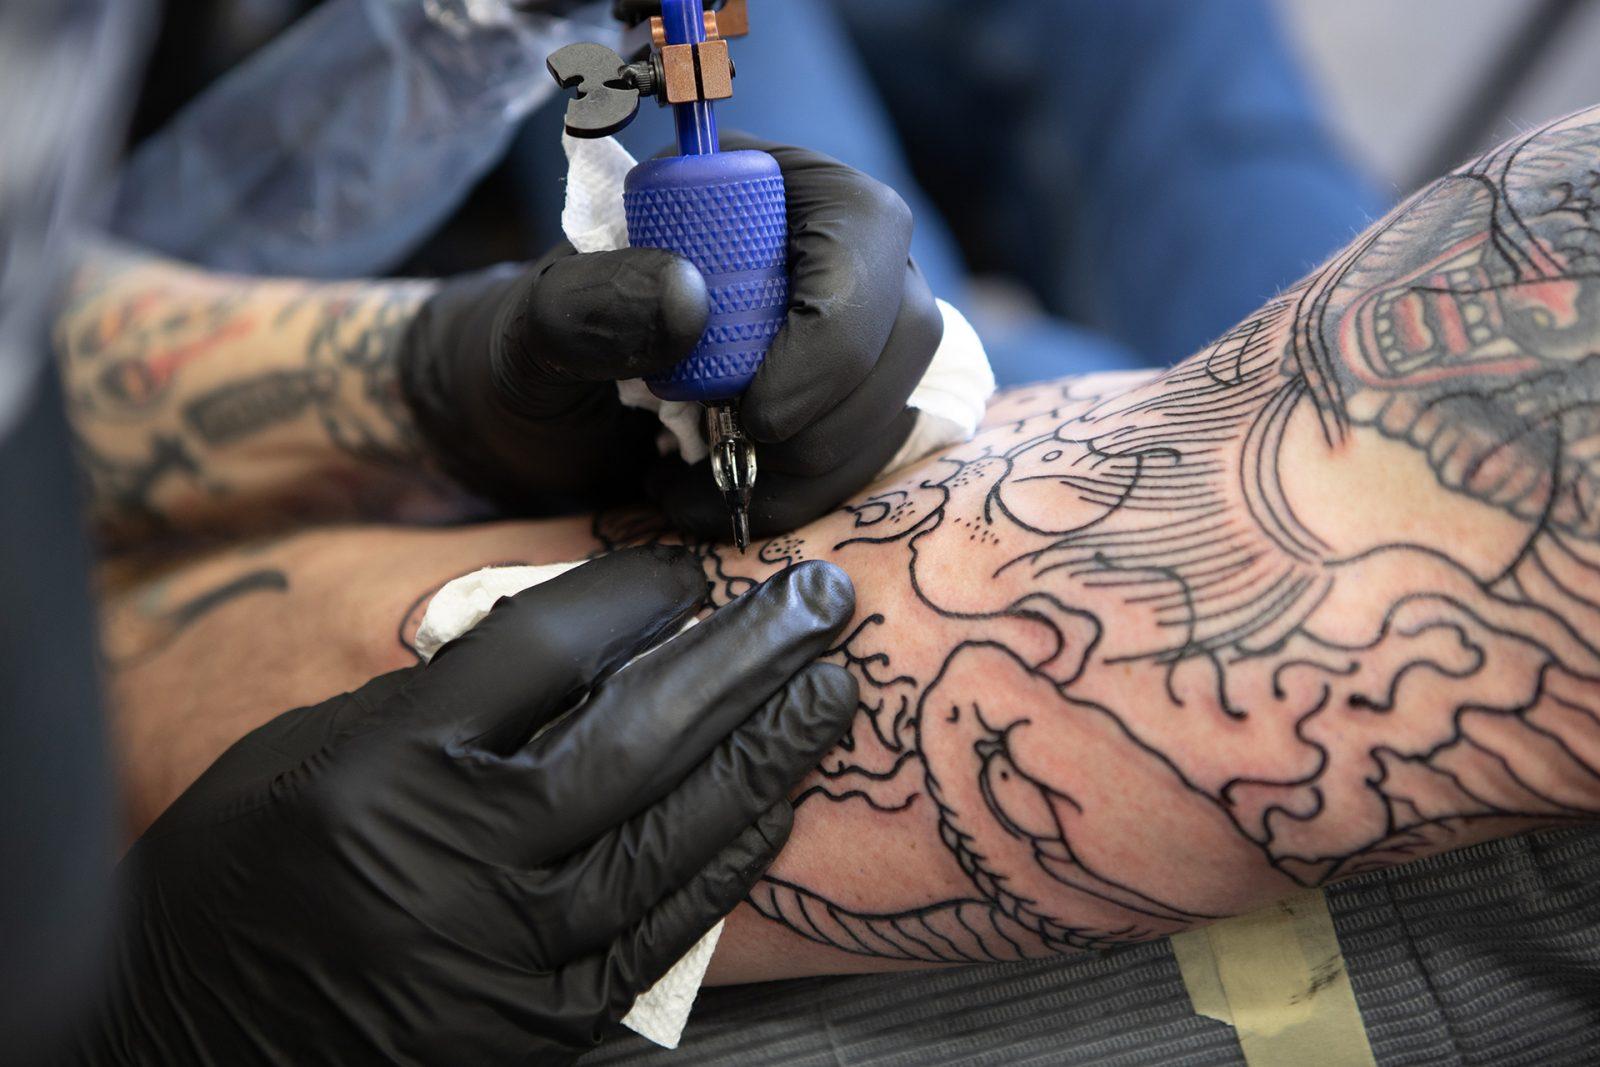 Totemas tattoo